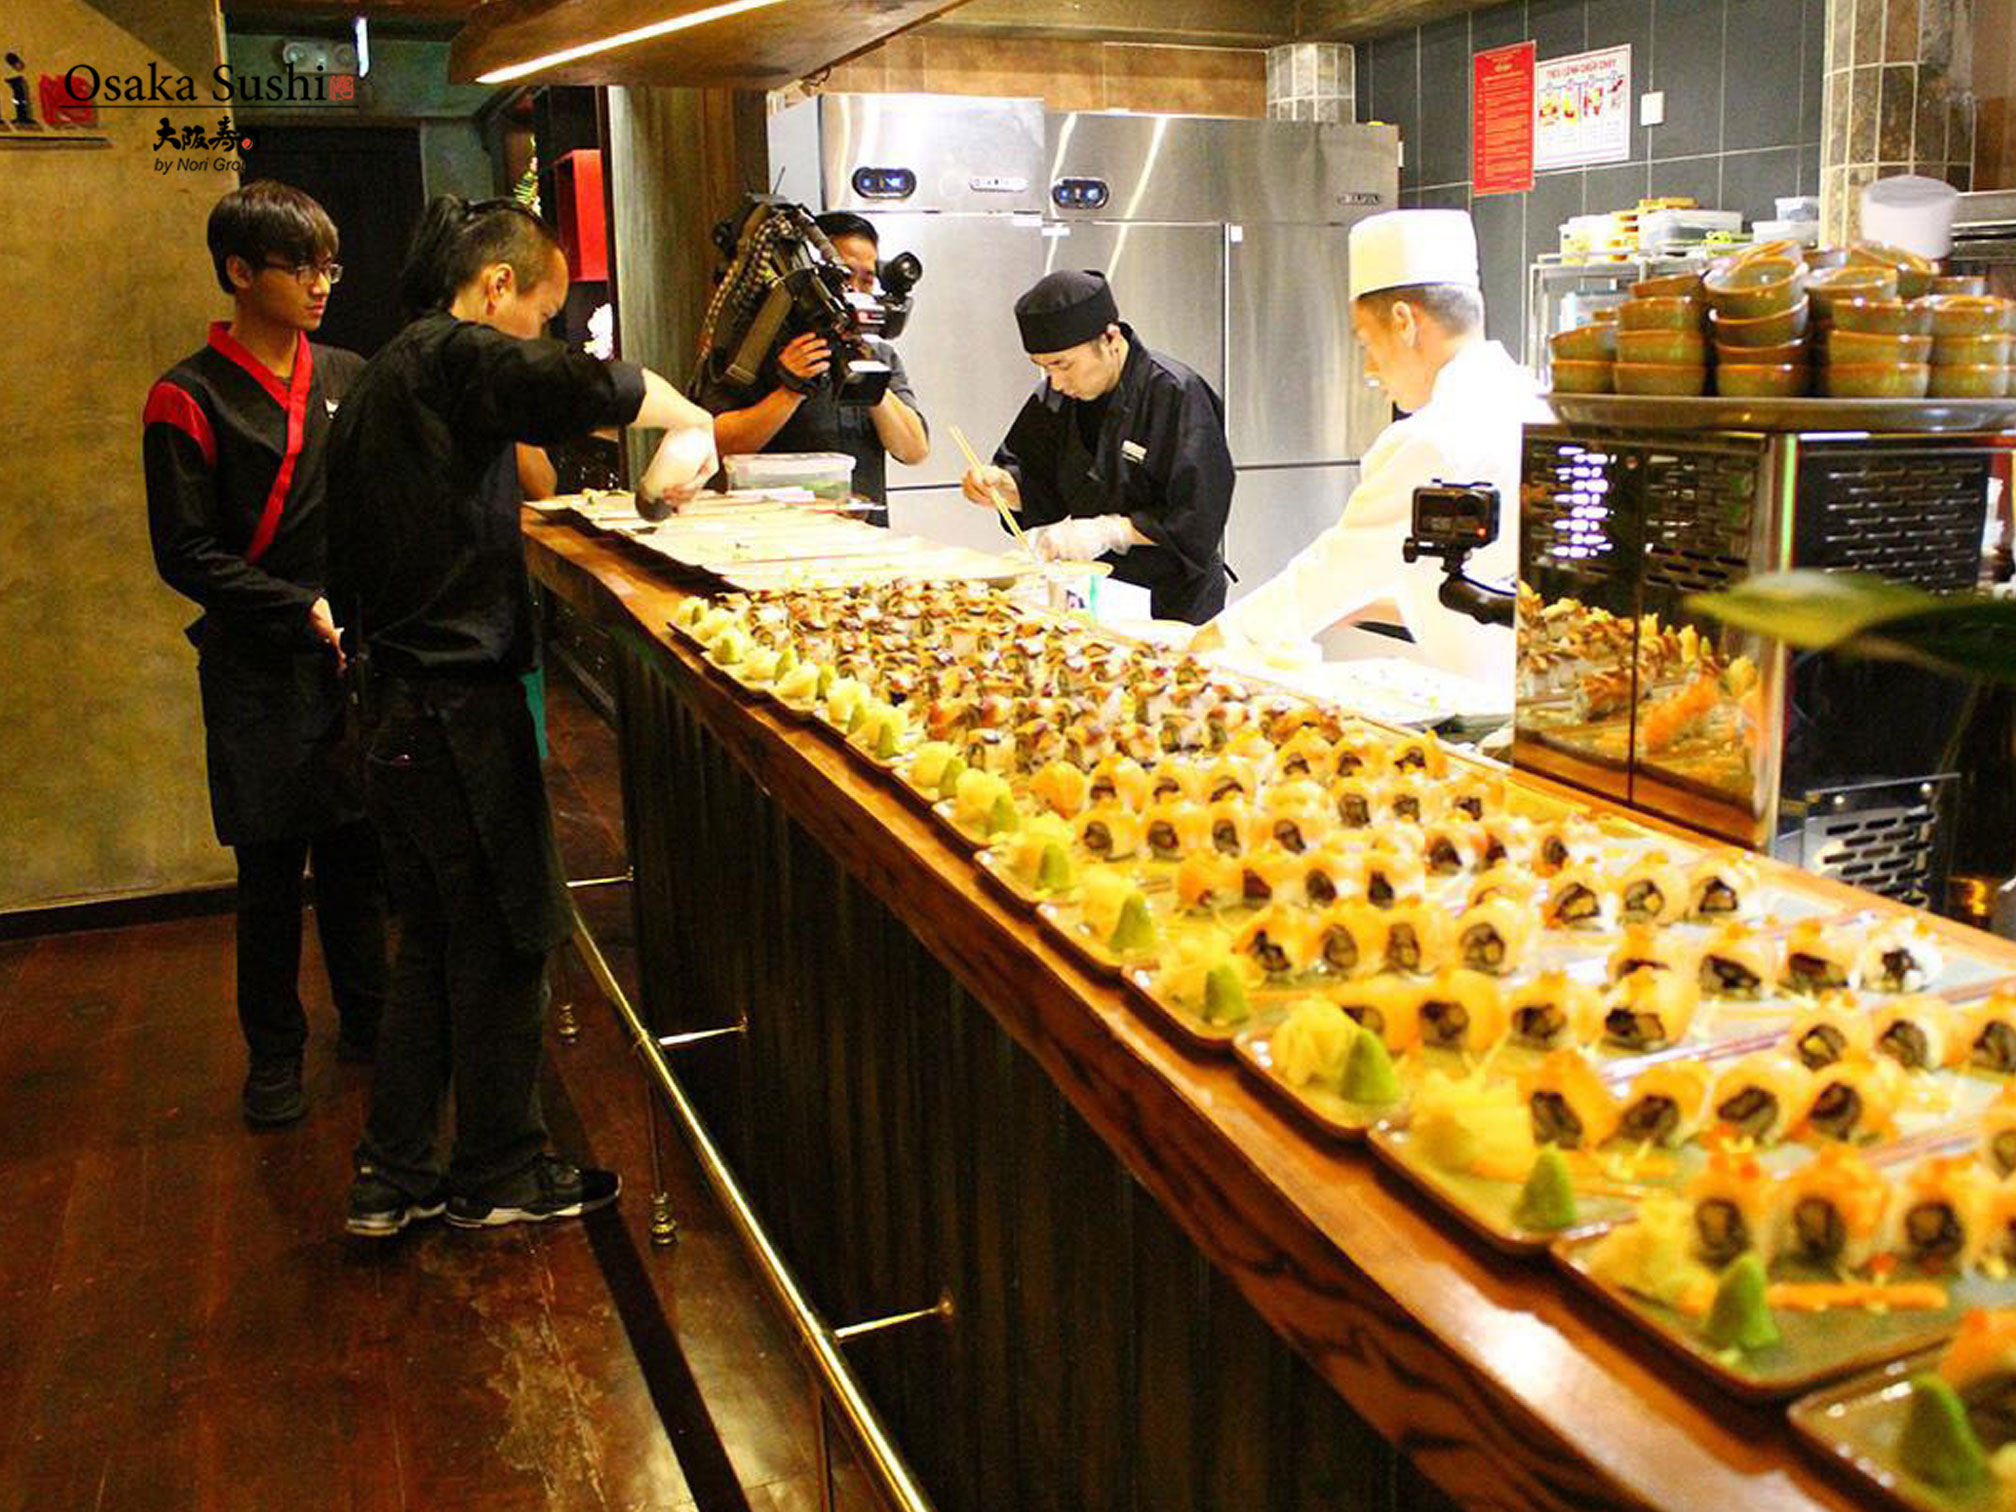 Giới thiệu ẩm thực Nhật Bản tại nhà hàng Osaka Sushi